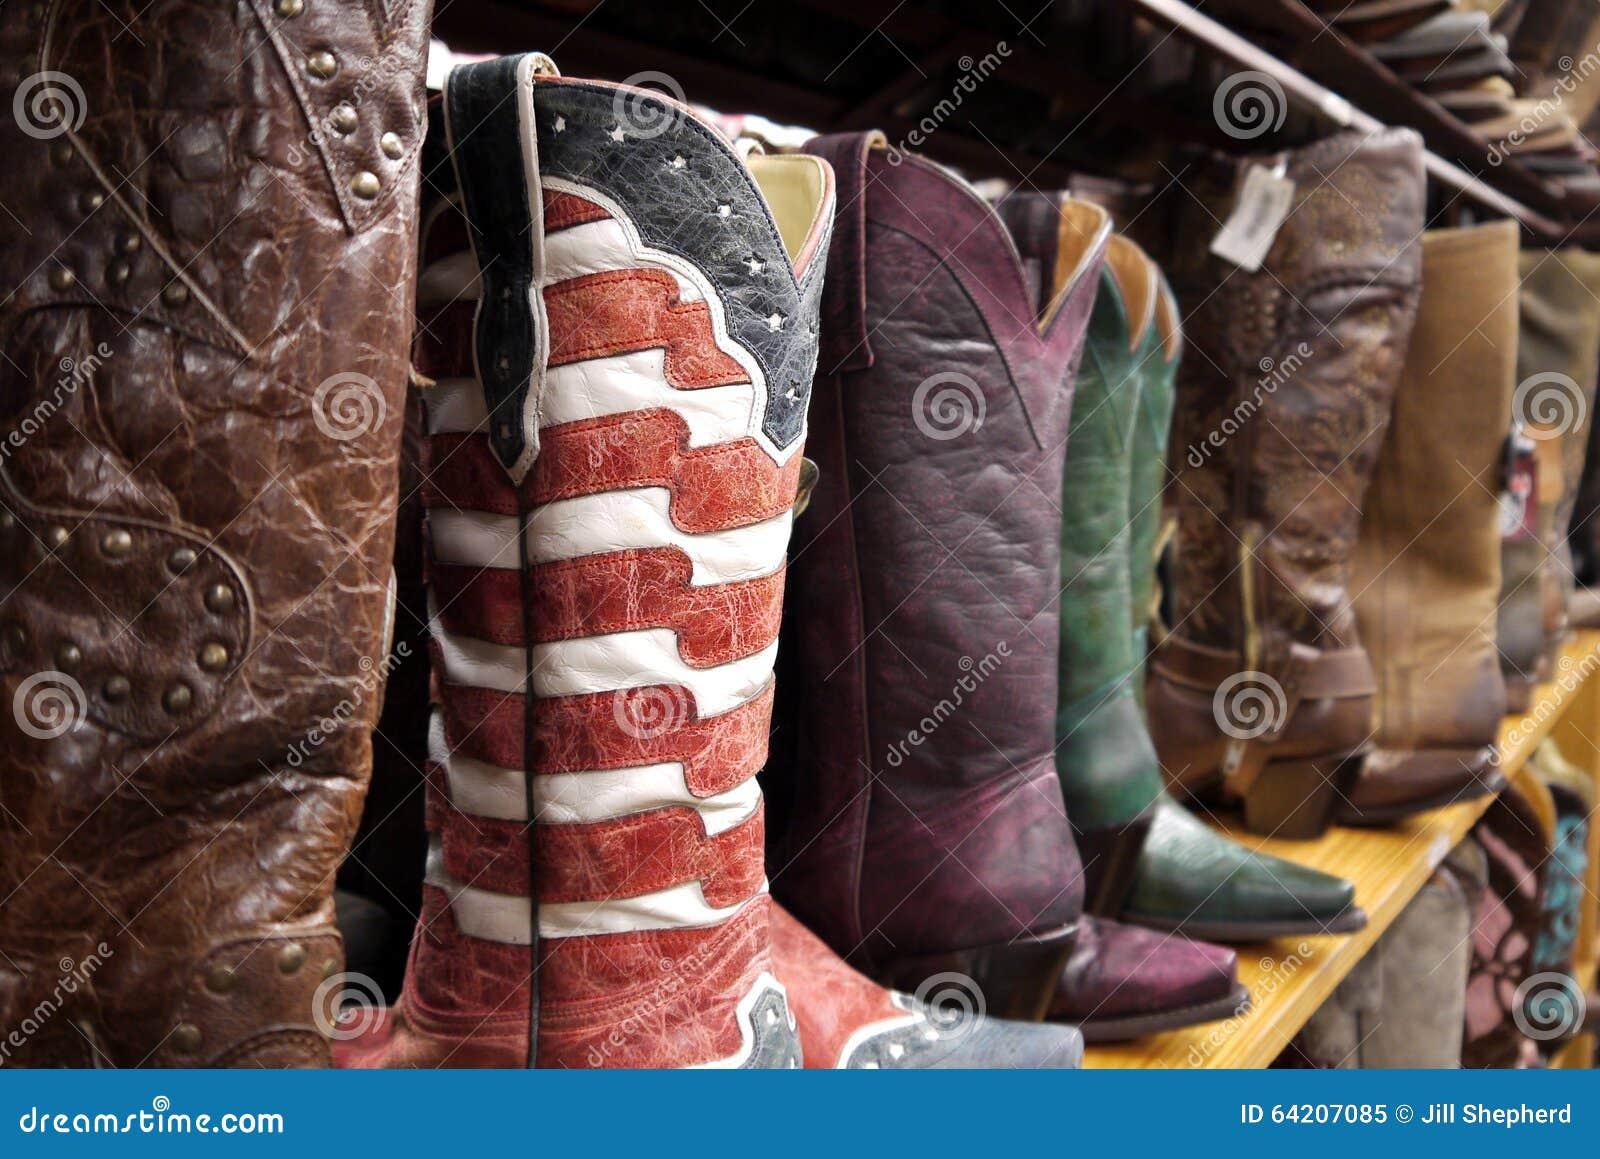 Botas de vaquero: bandera de las barras y estrellas